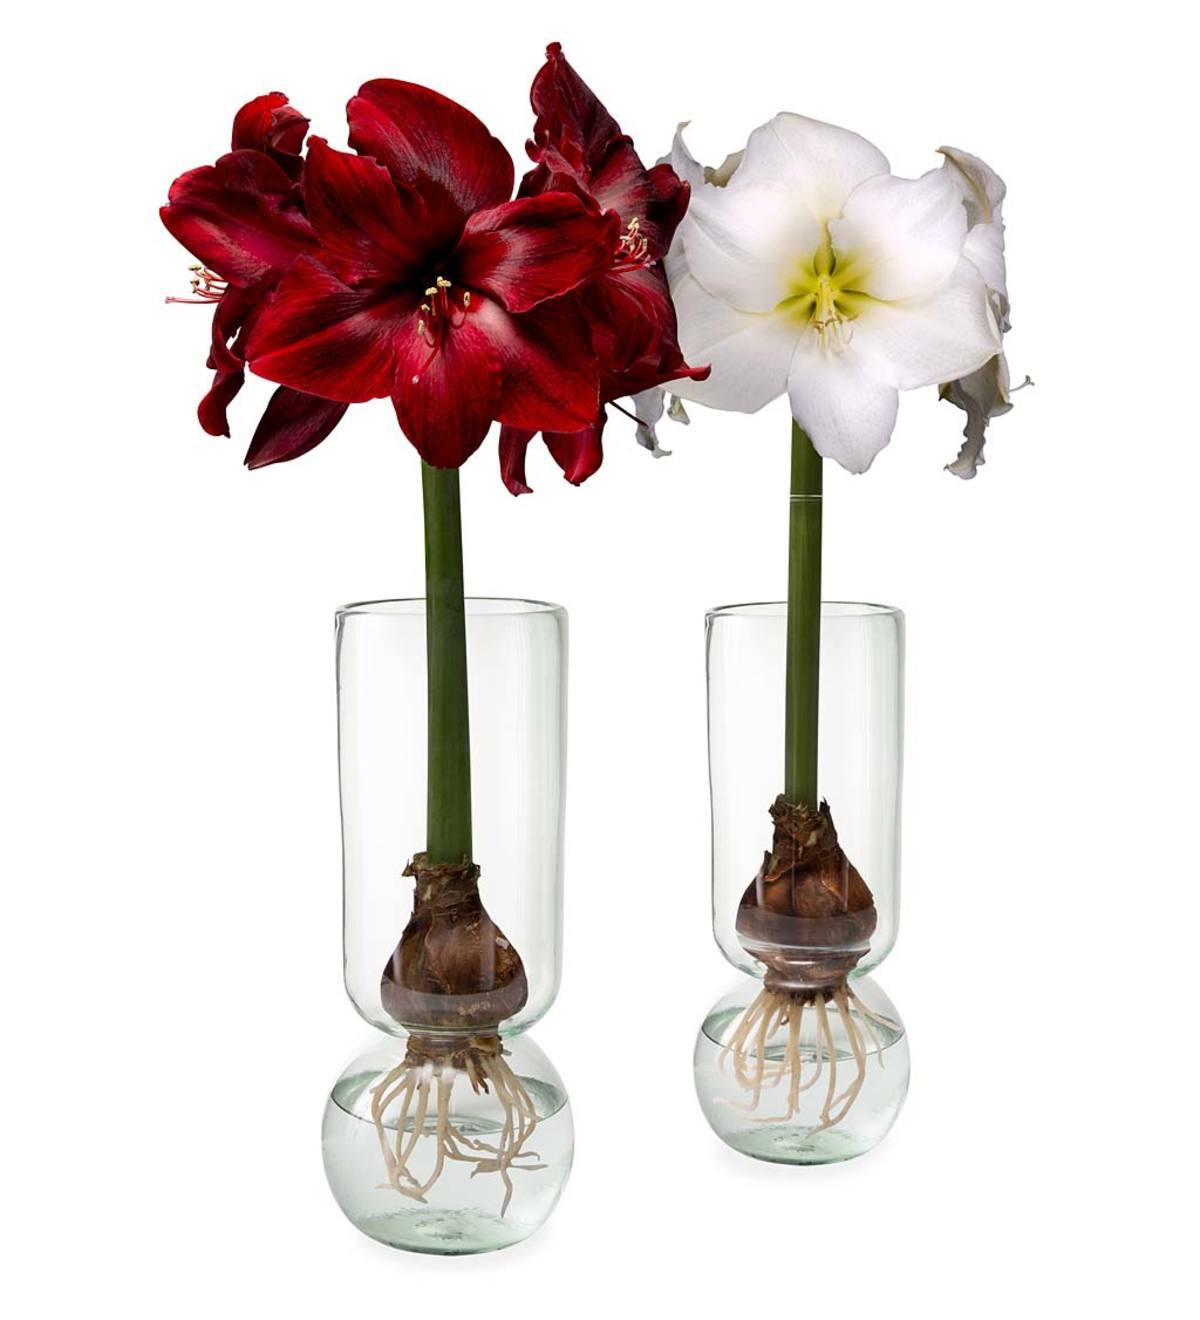 235 & Recycled Glass Forcing Bulb Vase \u0026 Flower Bulb | VivaTerra